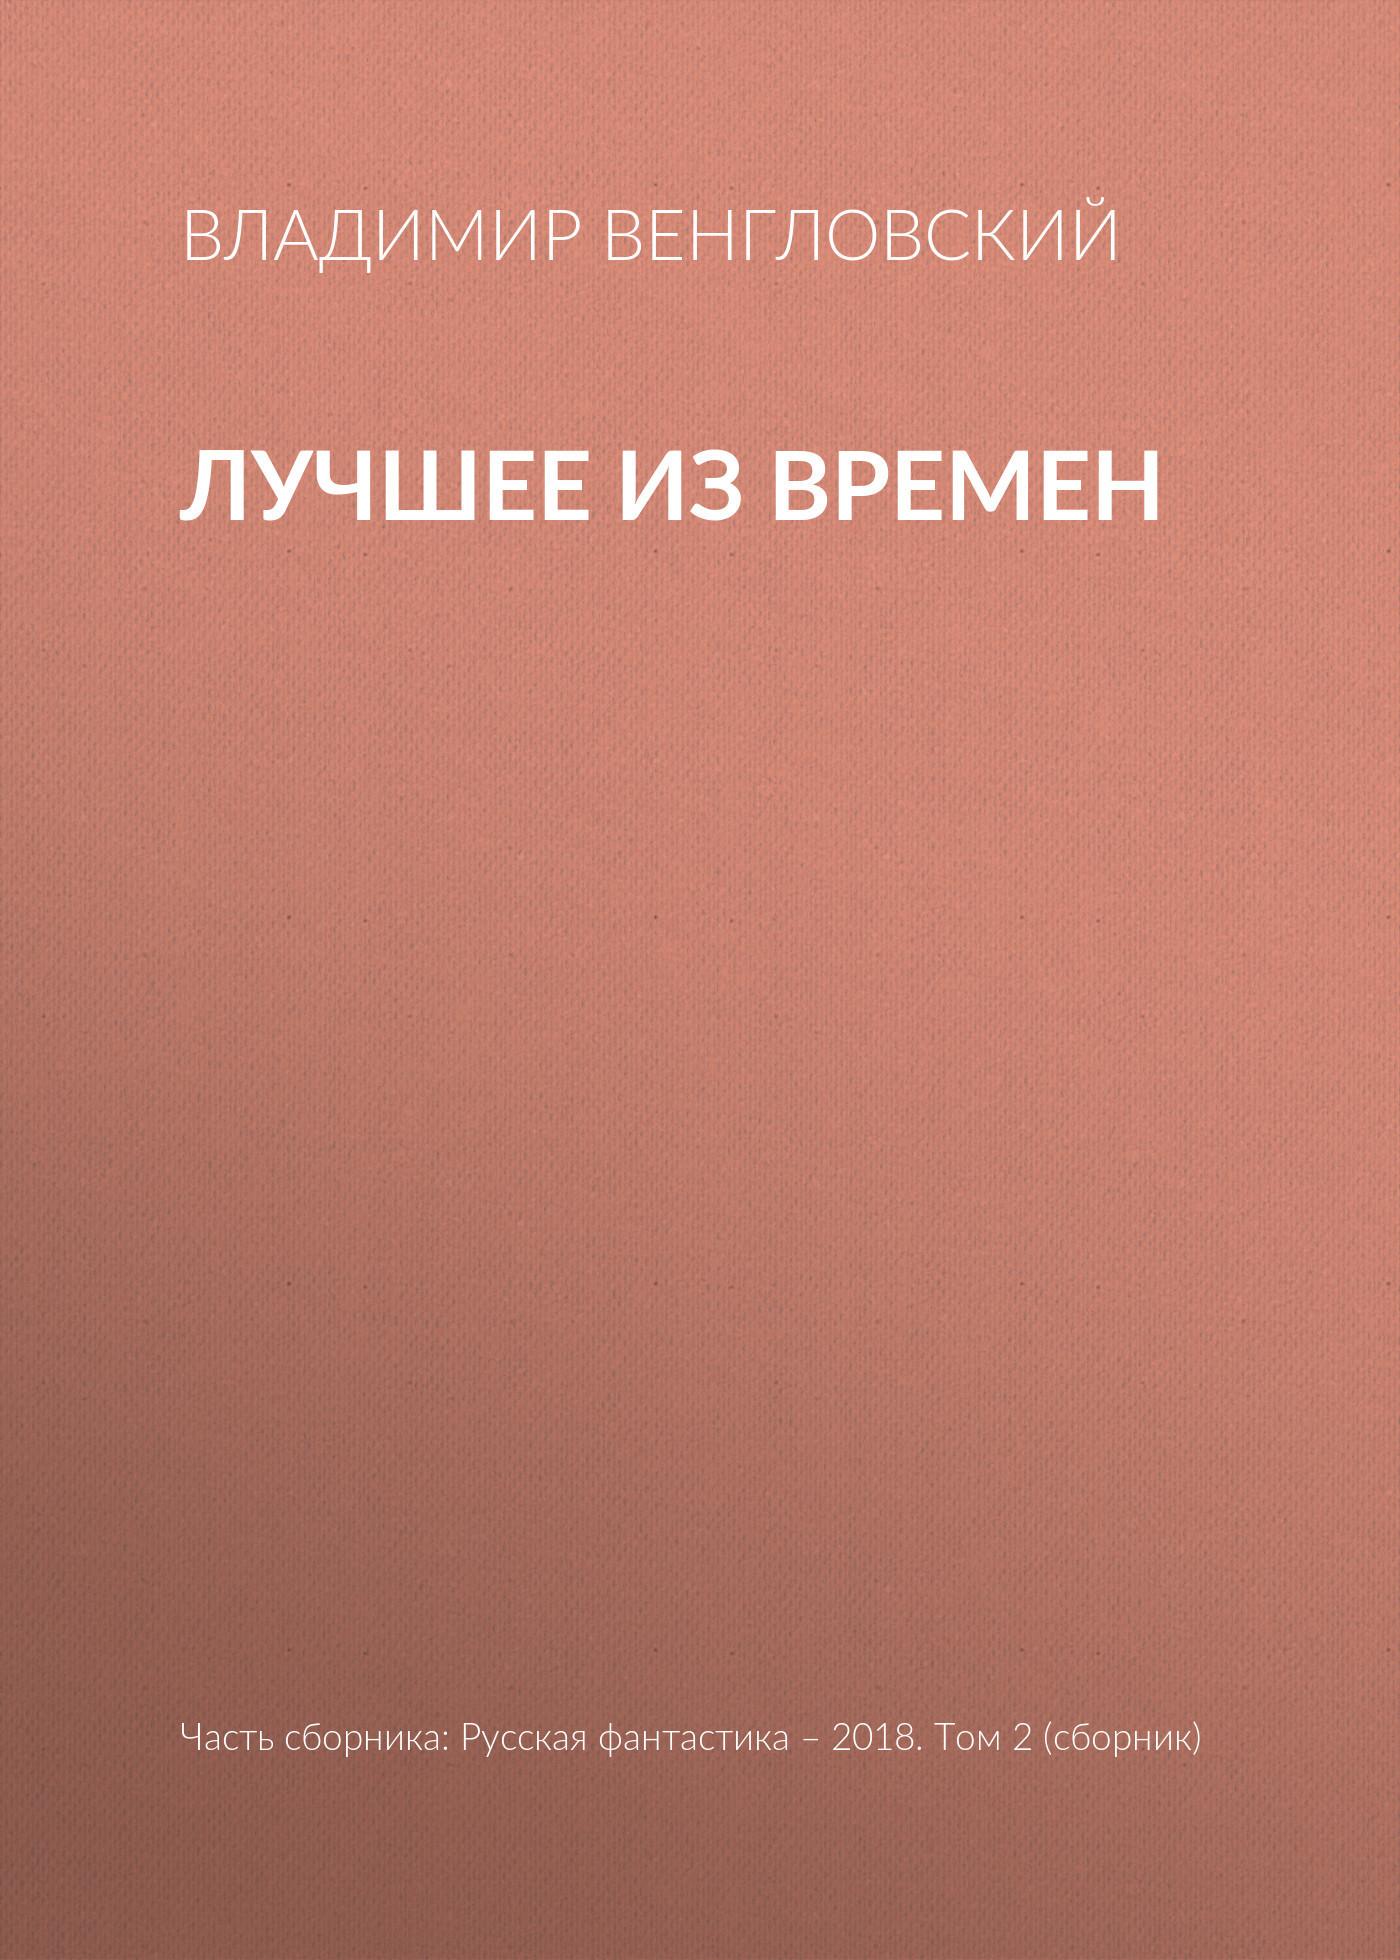 Книга притягивает взоры 38/93/60/38936002.bin.dir/38936002.cover.jpg обложка